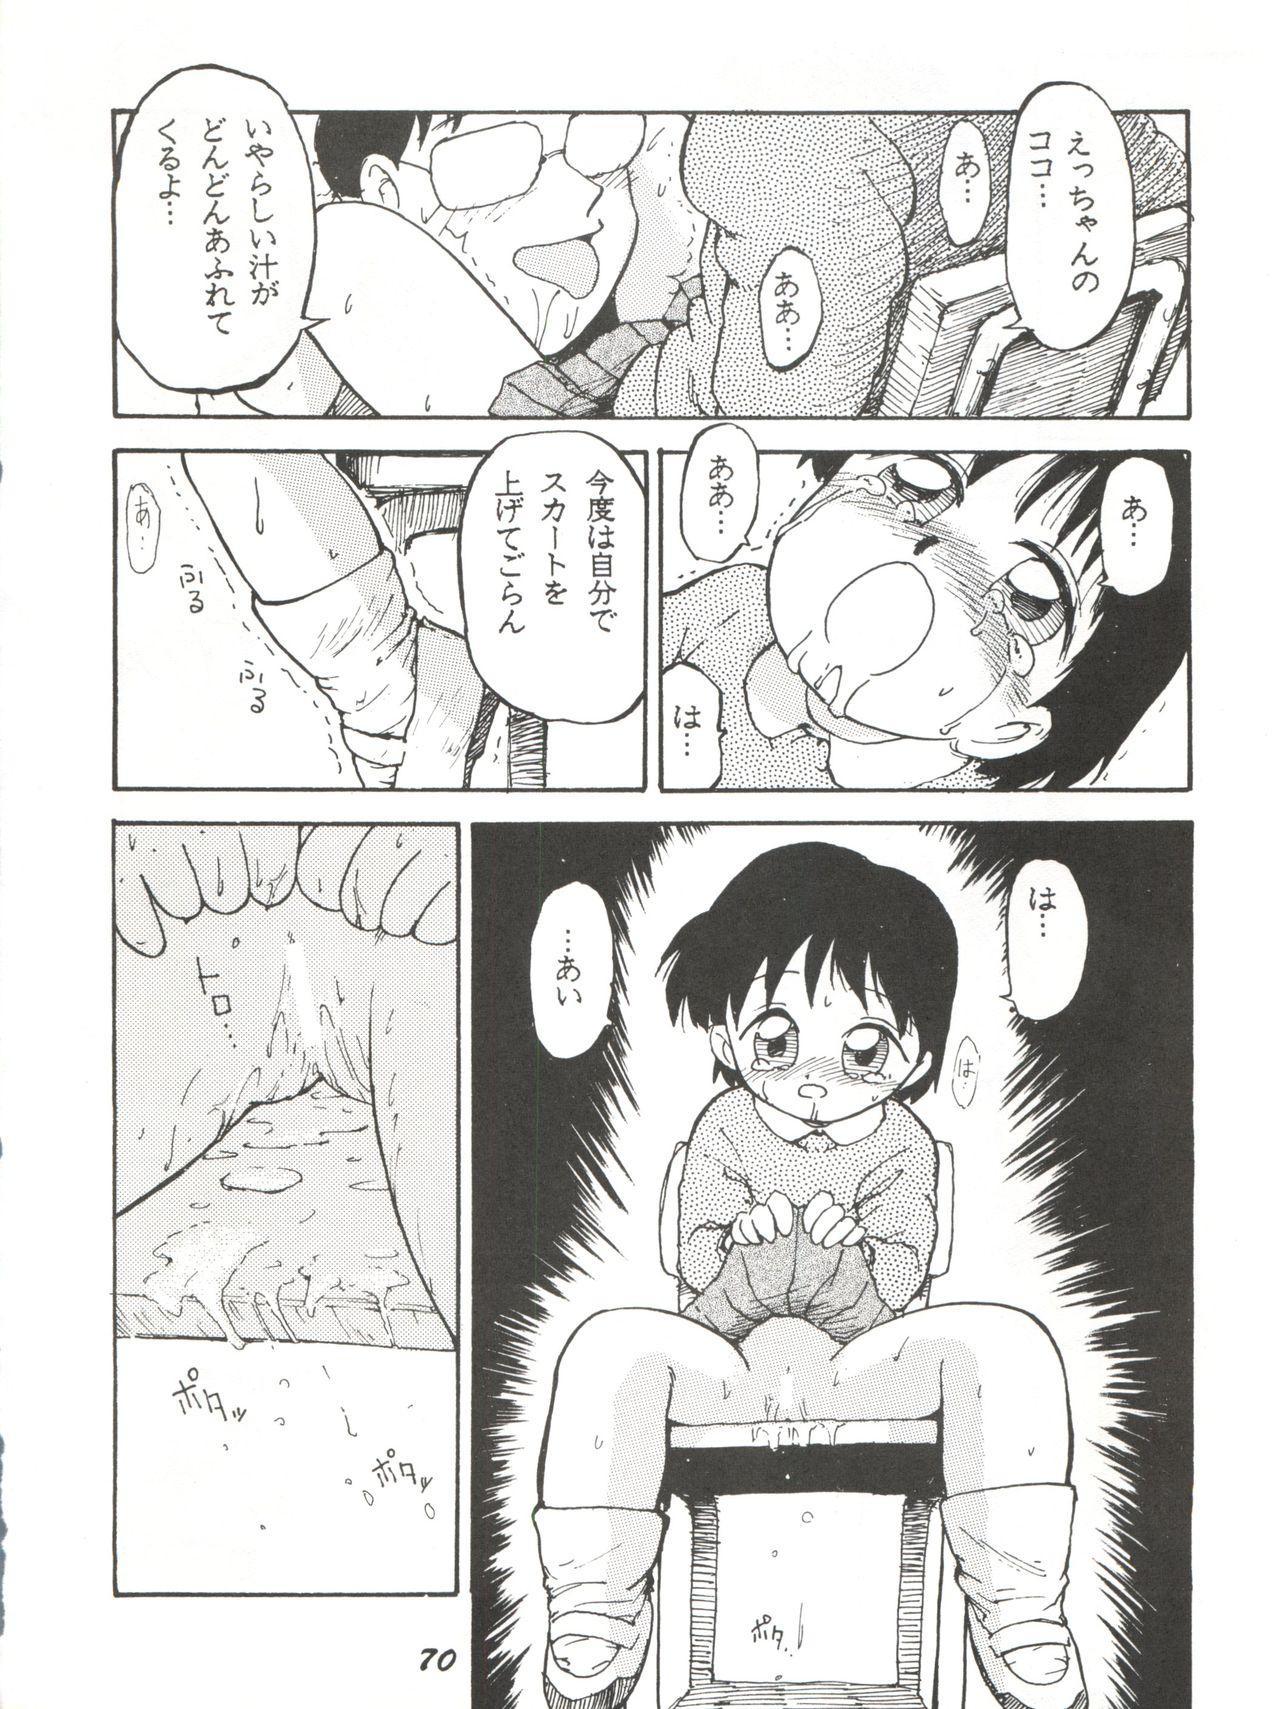 Kaniku 69